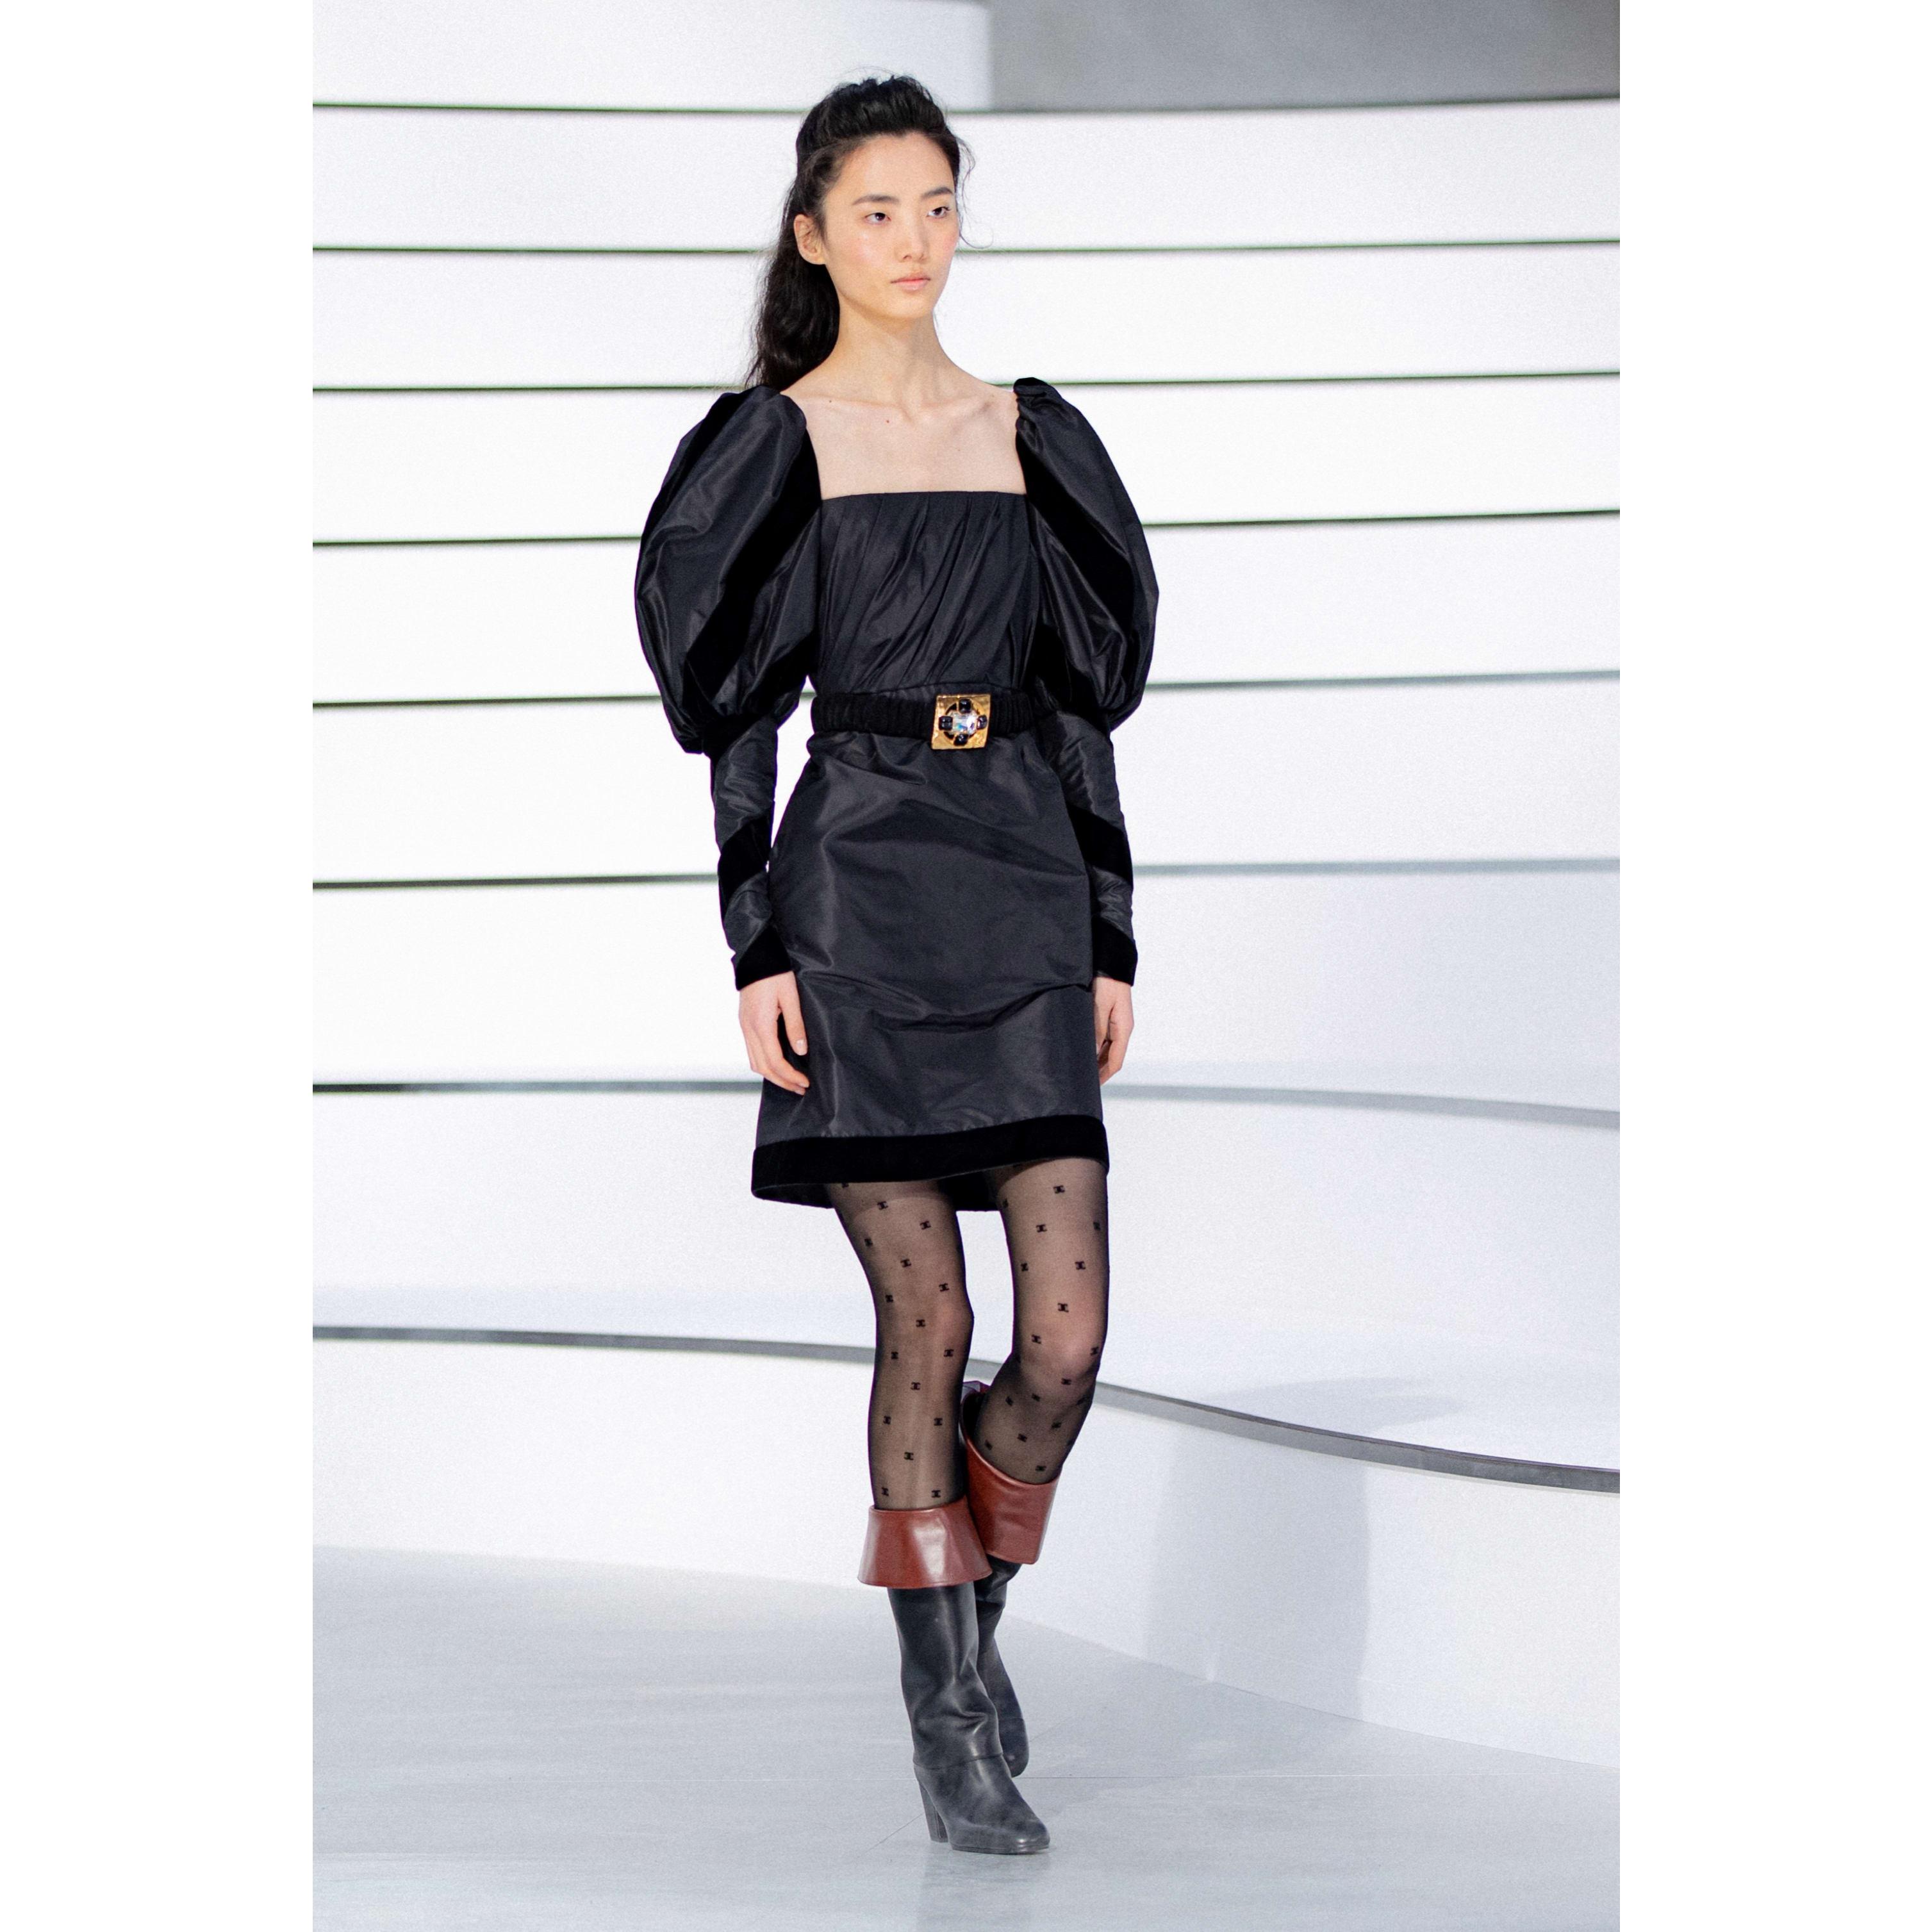 Kleid - Schwarz - Seidentaft - CHANEL - Standardansicht - Standardgröße anzeigen